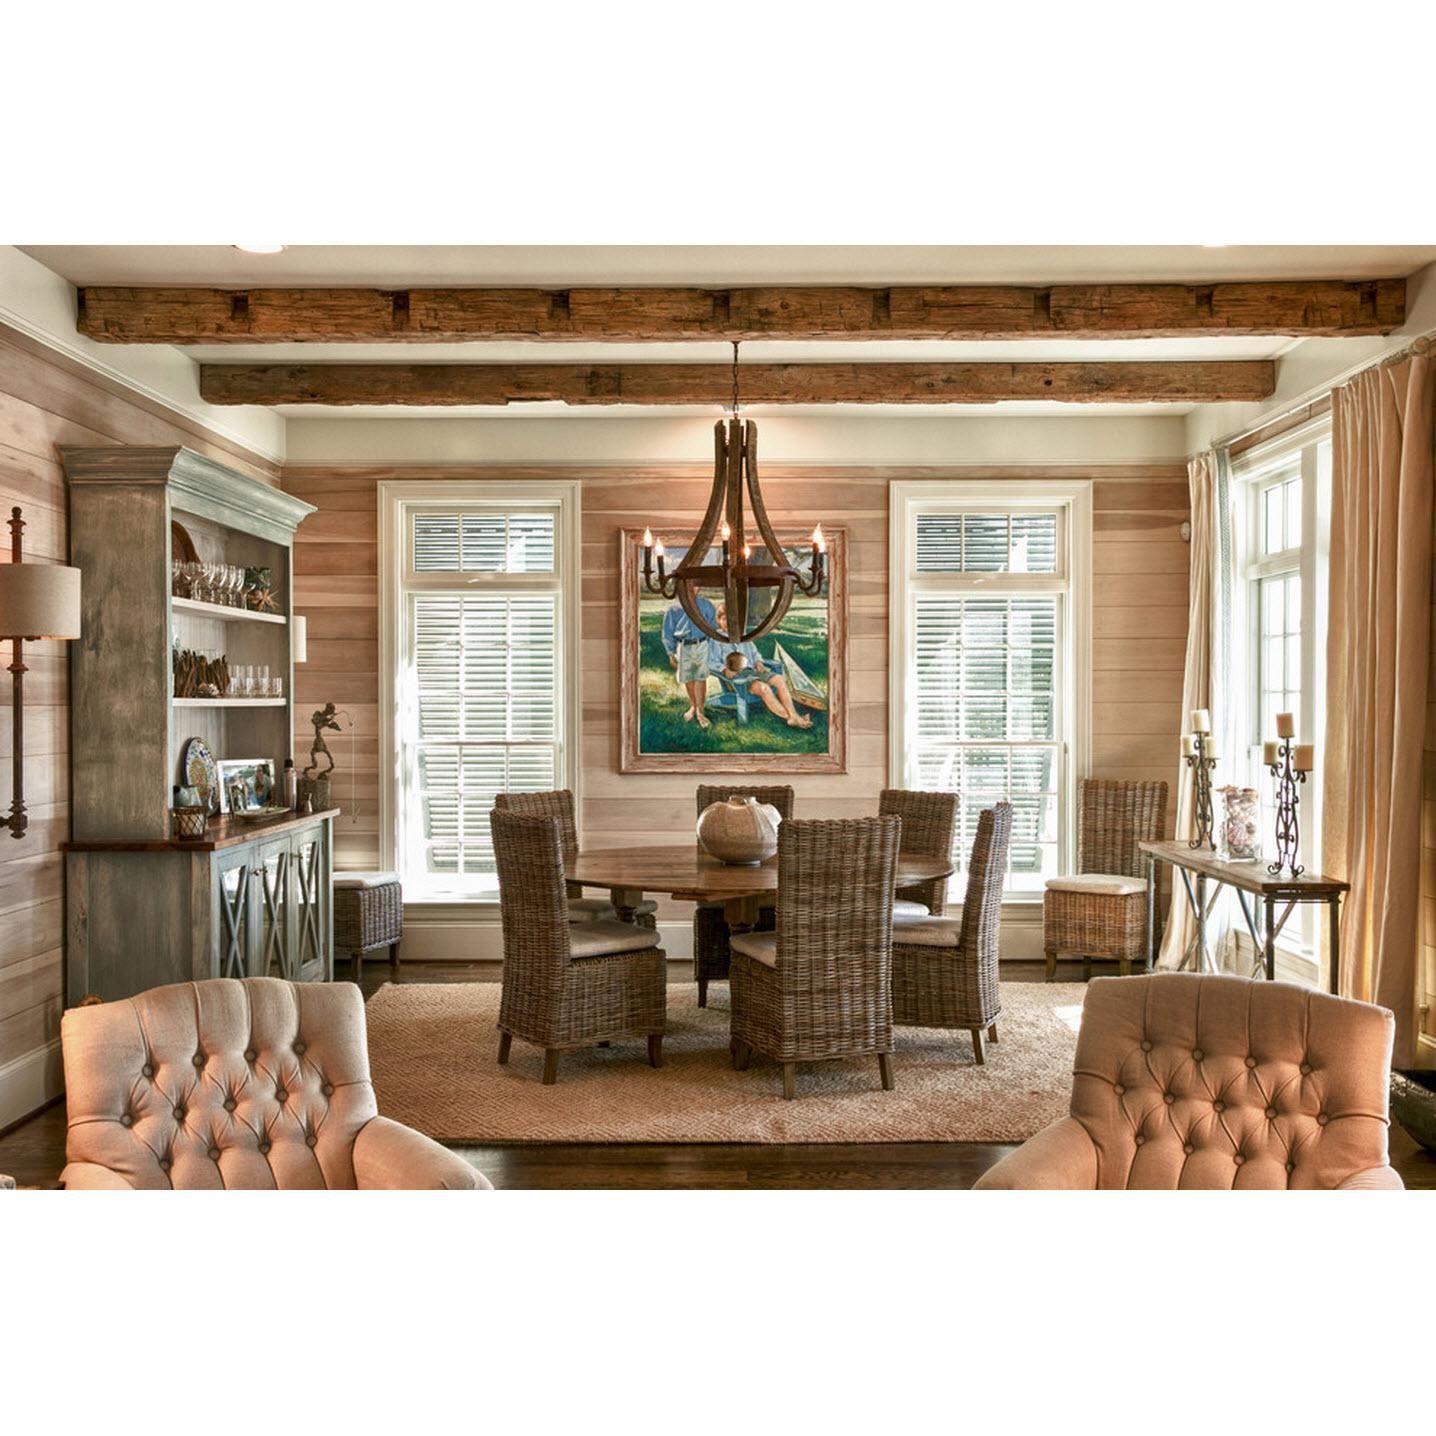 Attractive Bobo 6 Light Wine Barrel Chandelier #rustic #cabin #lighting #chandelier  #winebarrel